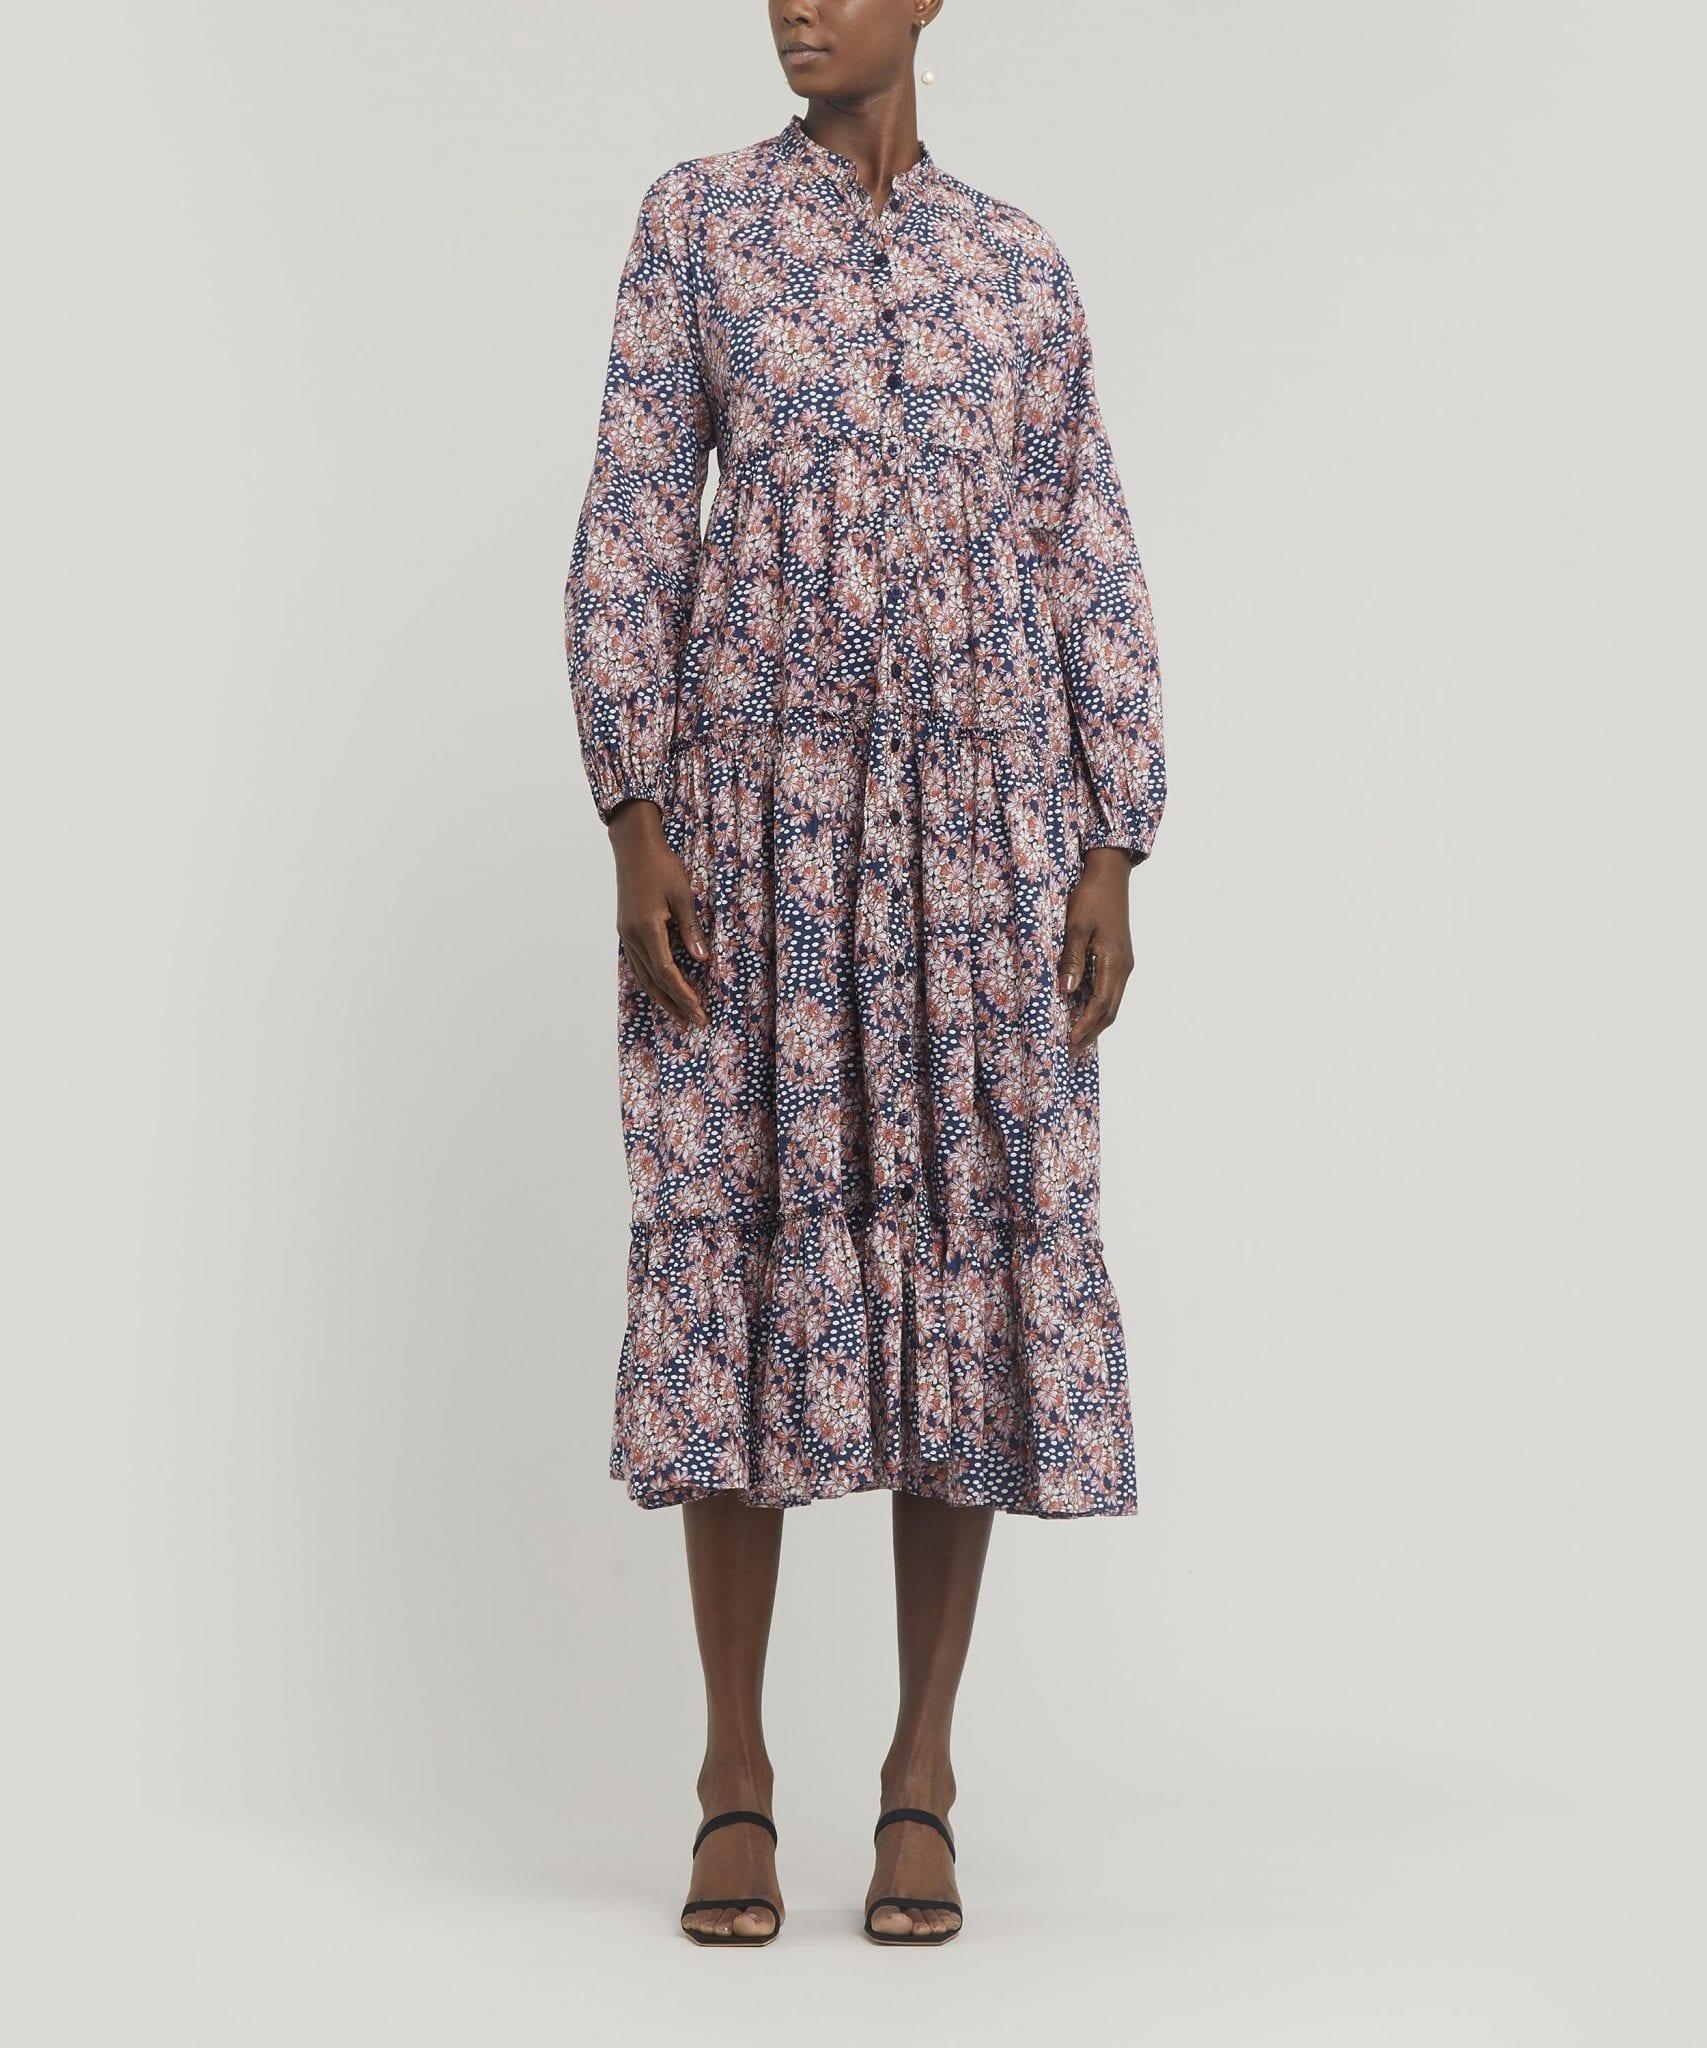 BYTIMO Bohemian Maxi-Dress